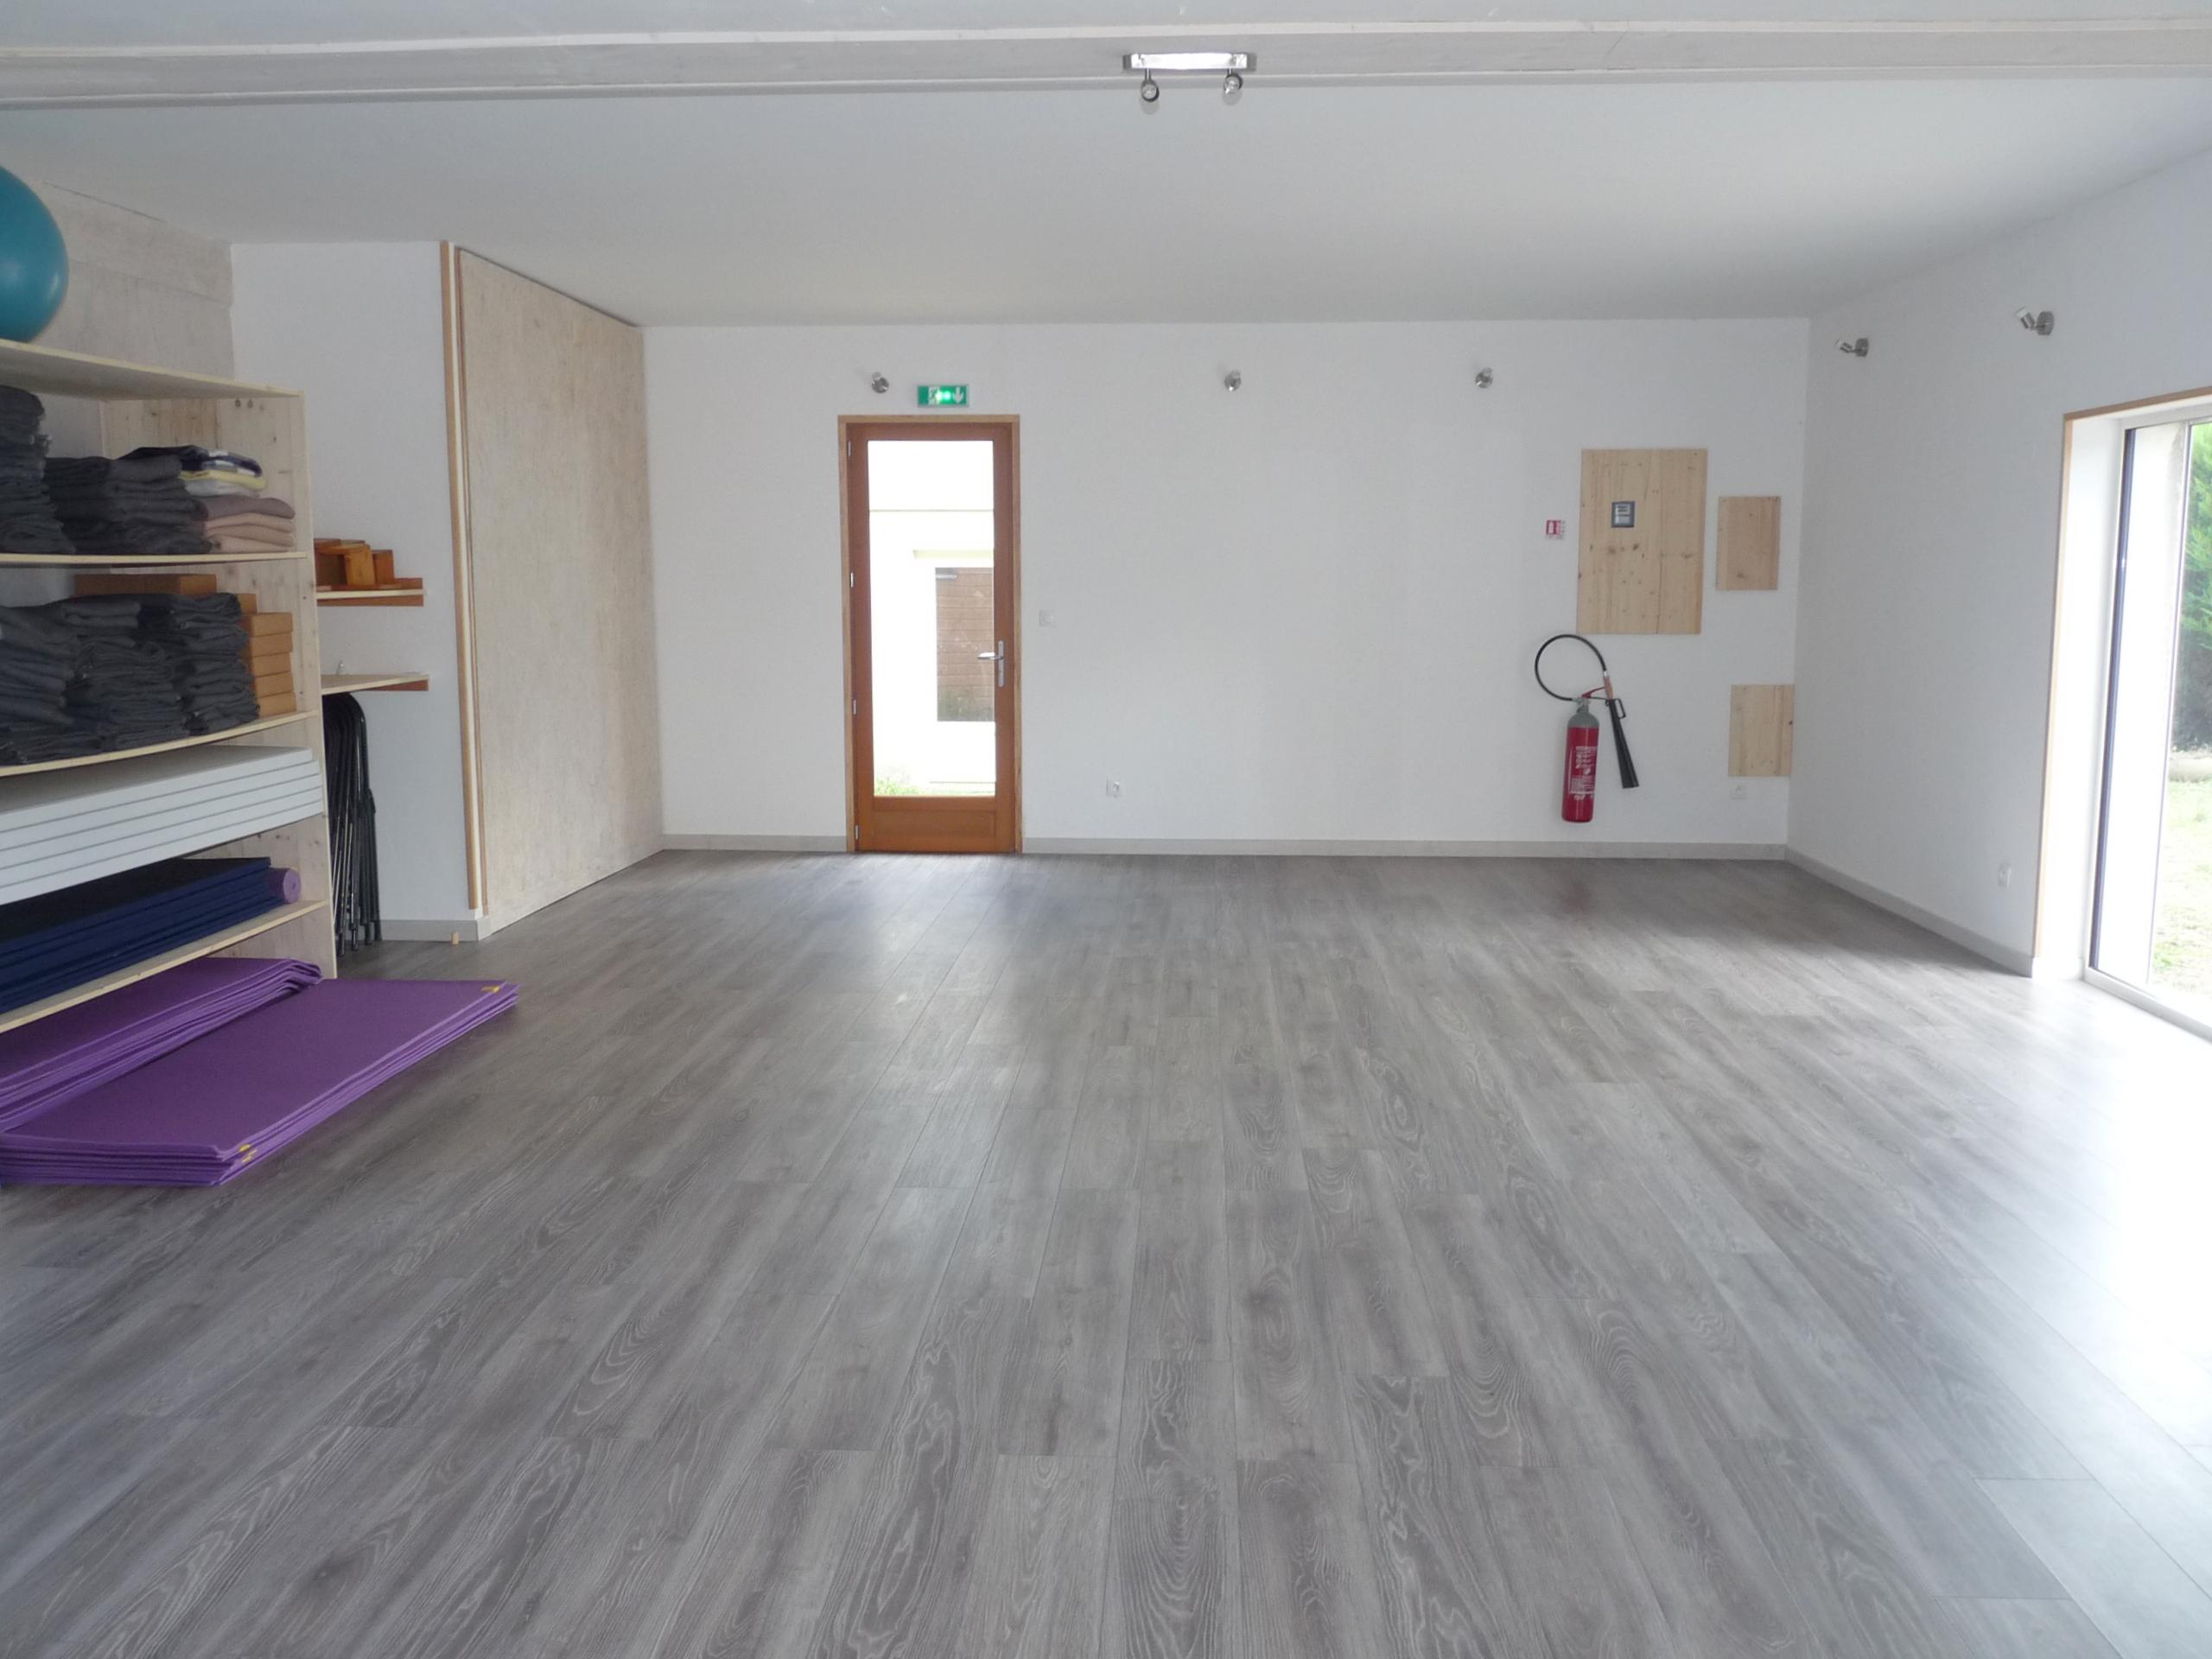 Salle yoga vue mur sud